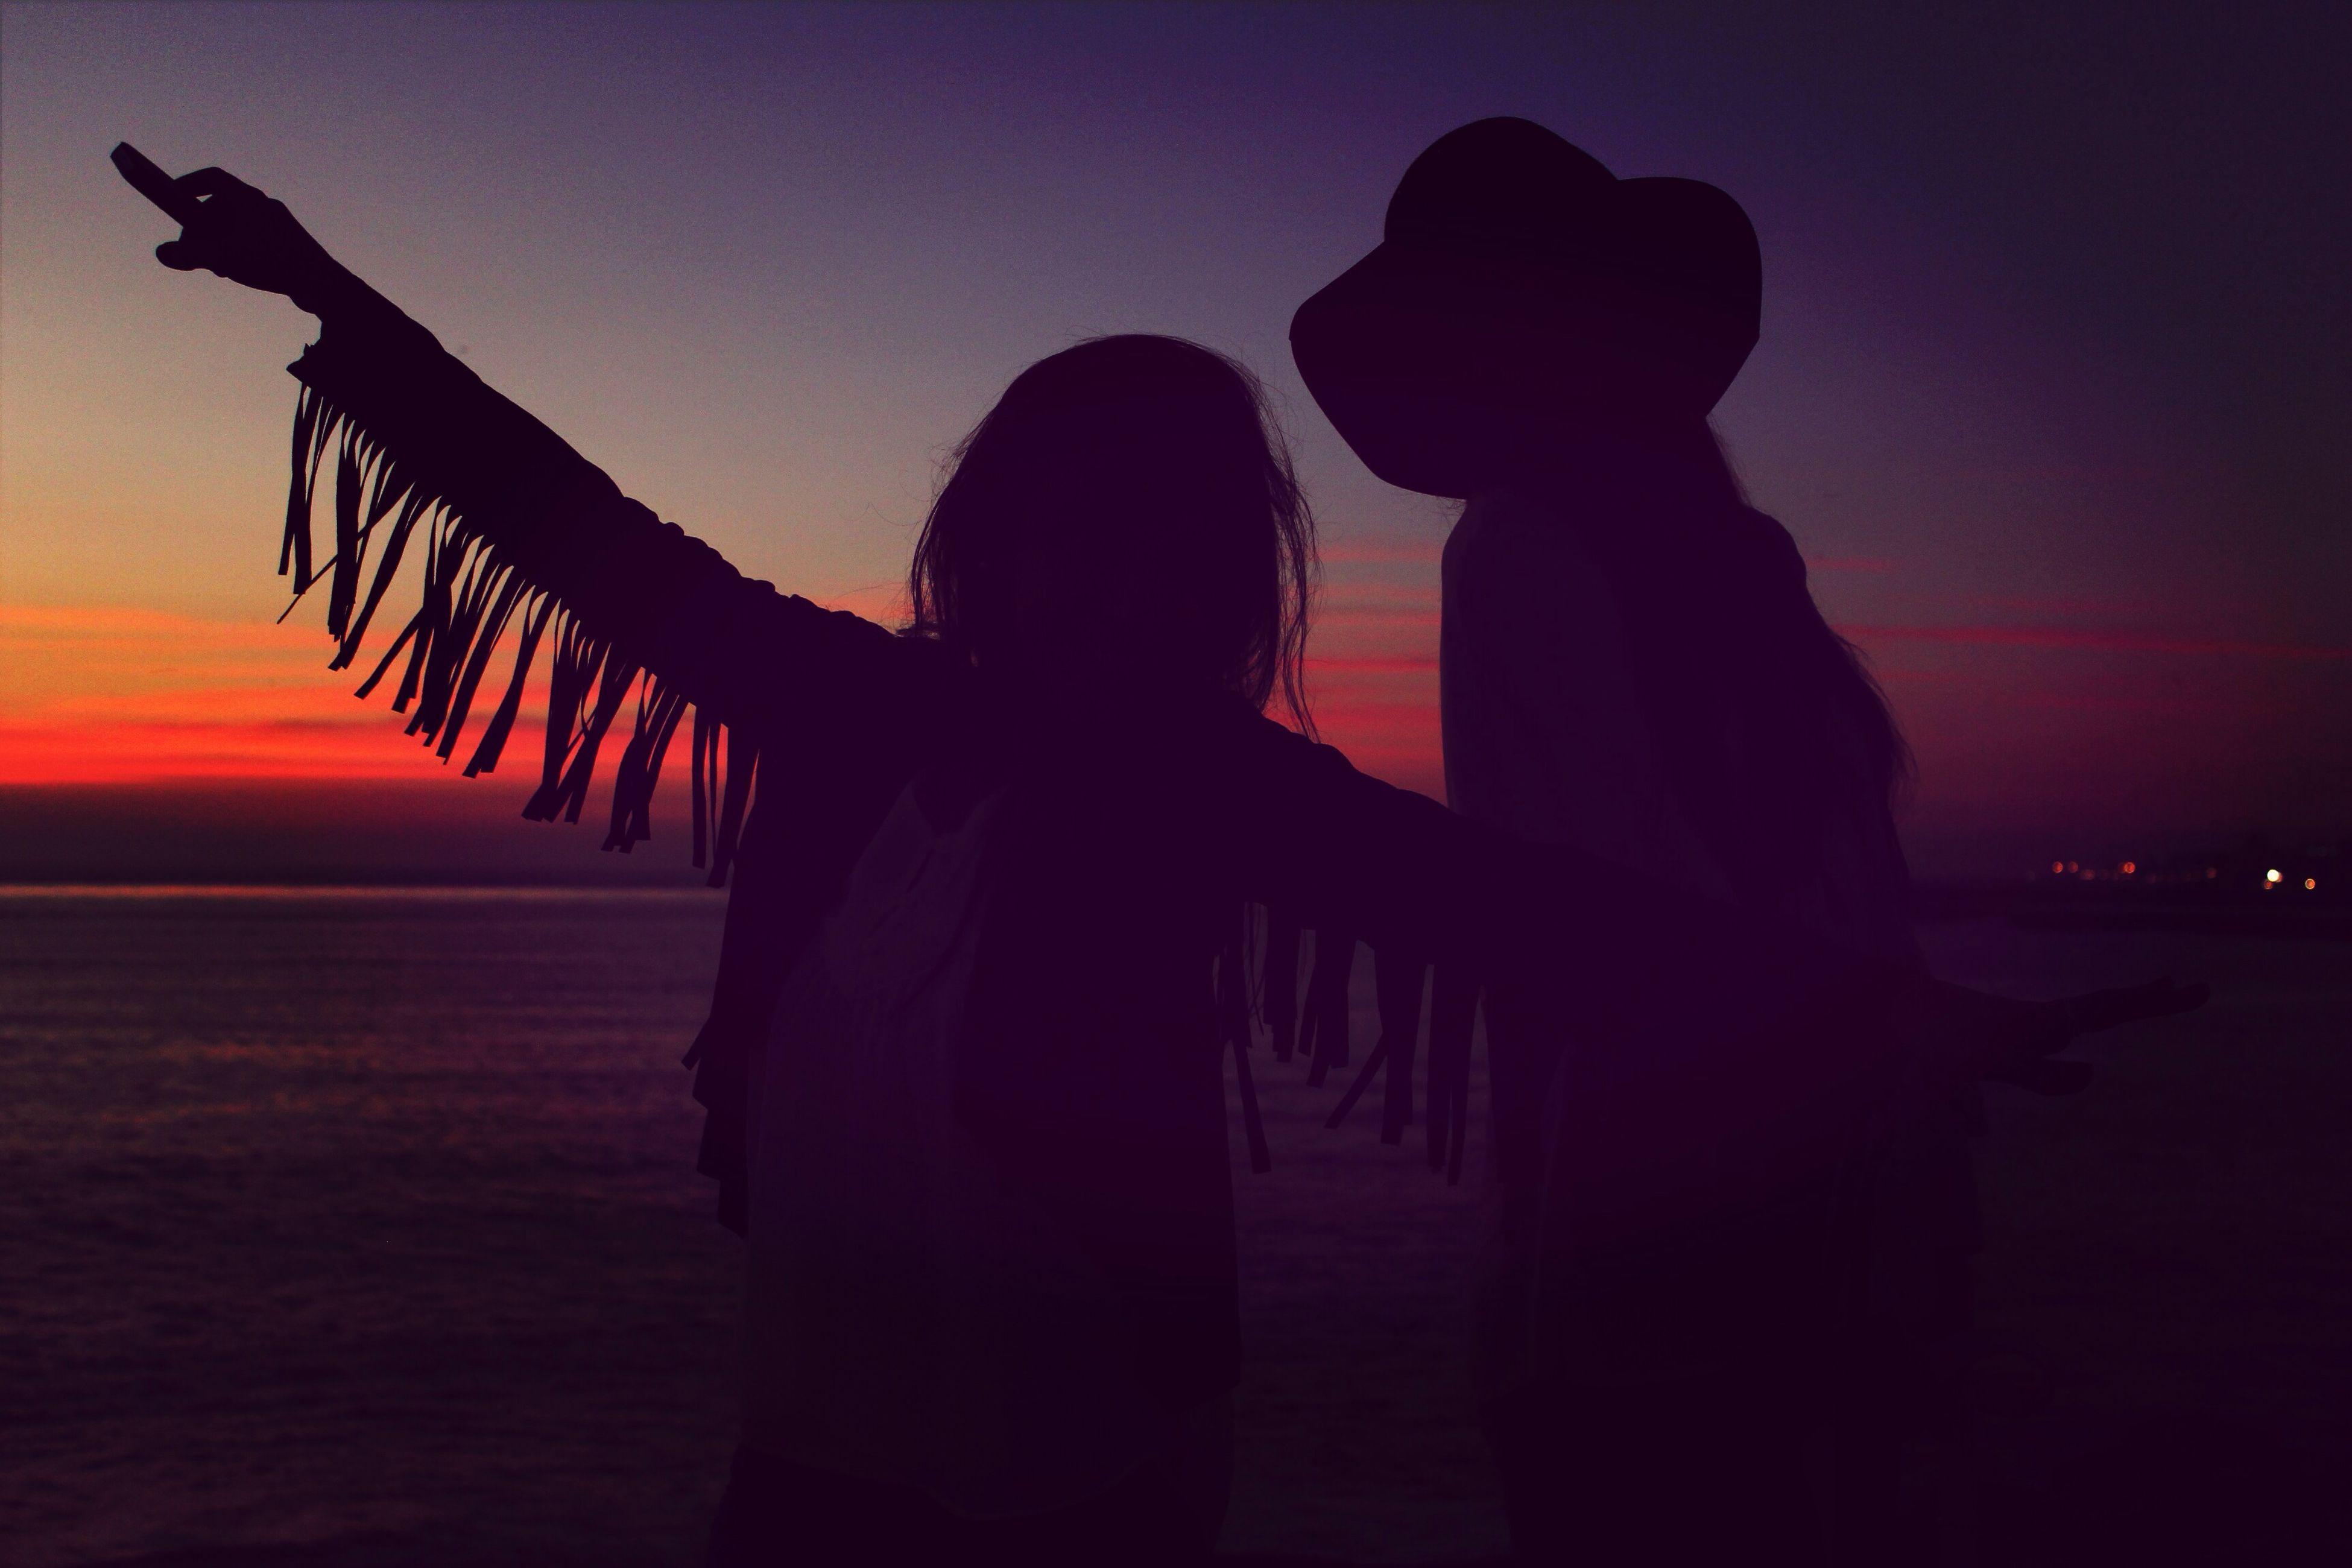 sunset, silhouette, sky, lifestyles, leisure activity, men, sea, person, standing, dusk, rear view, water, orange color, travel, unrecognizable person, tourism, built structure